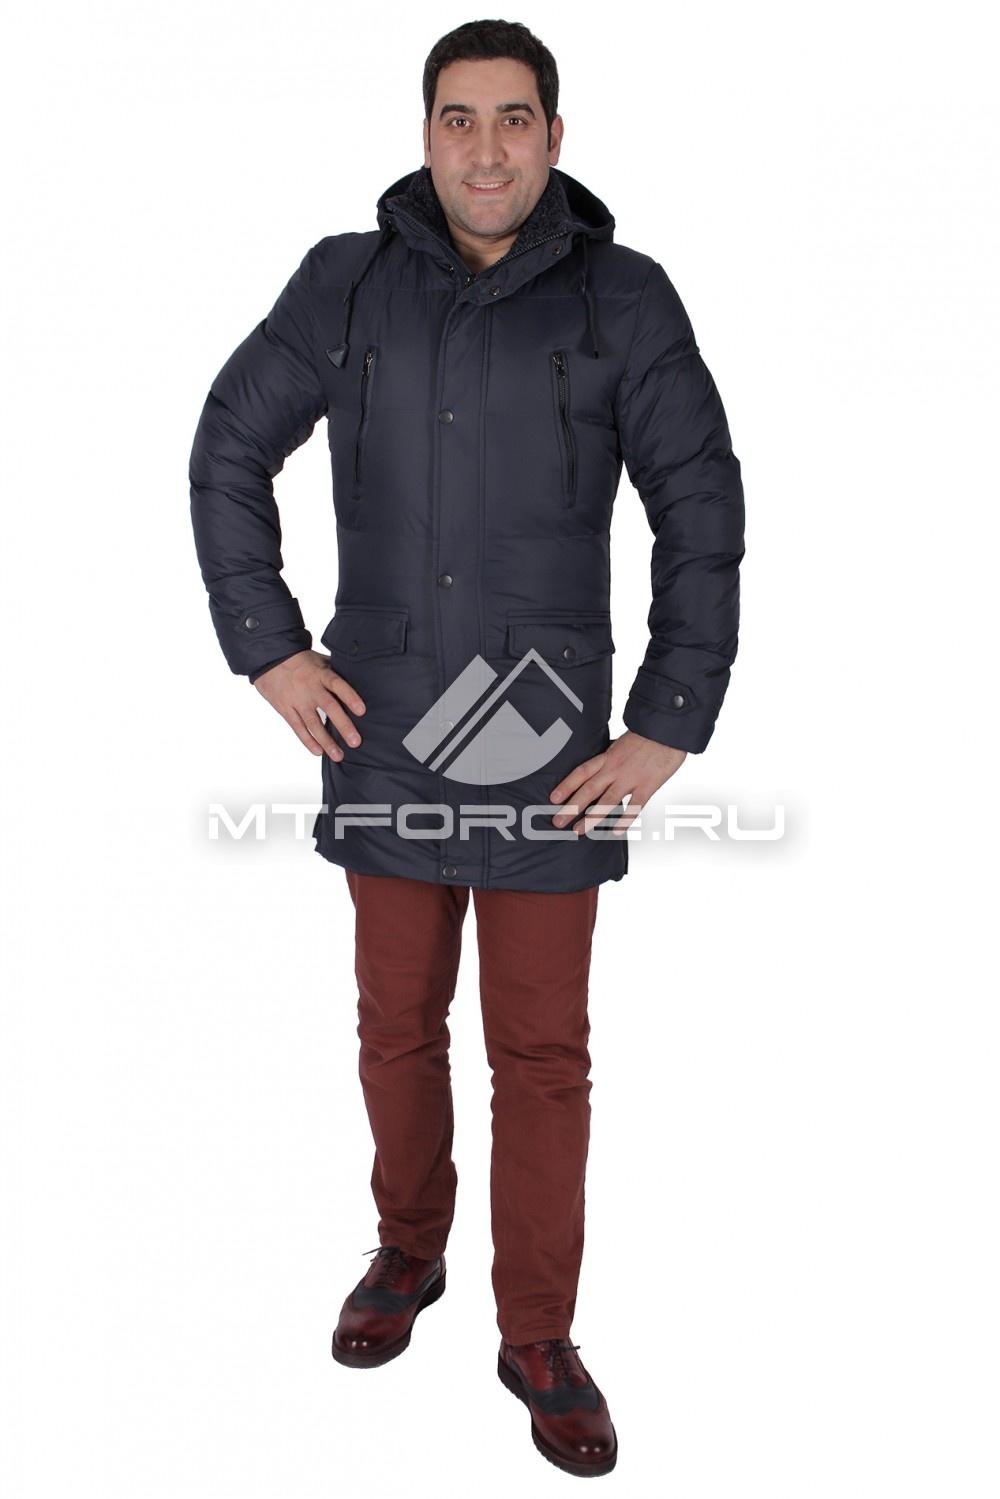 Купить                                  оптом Куртка зимняя мужская темно-синего цвета 771TS в Новосибирске